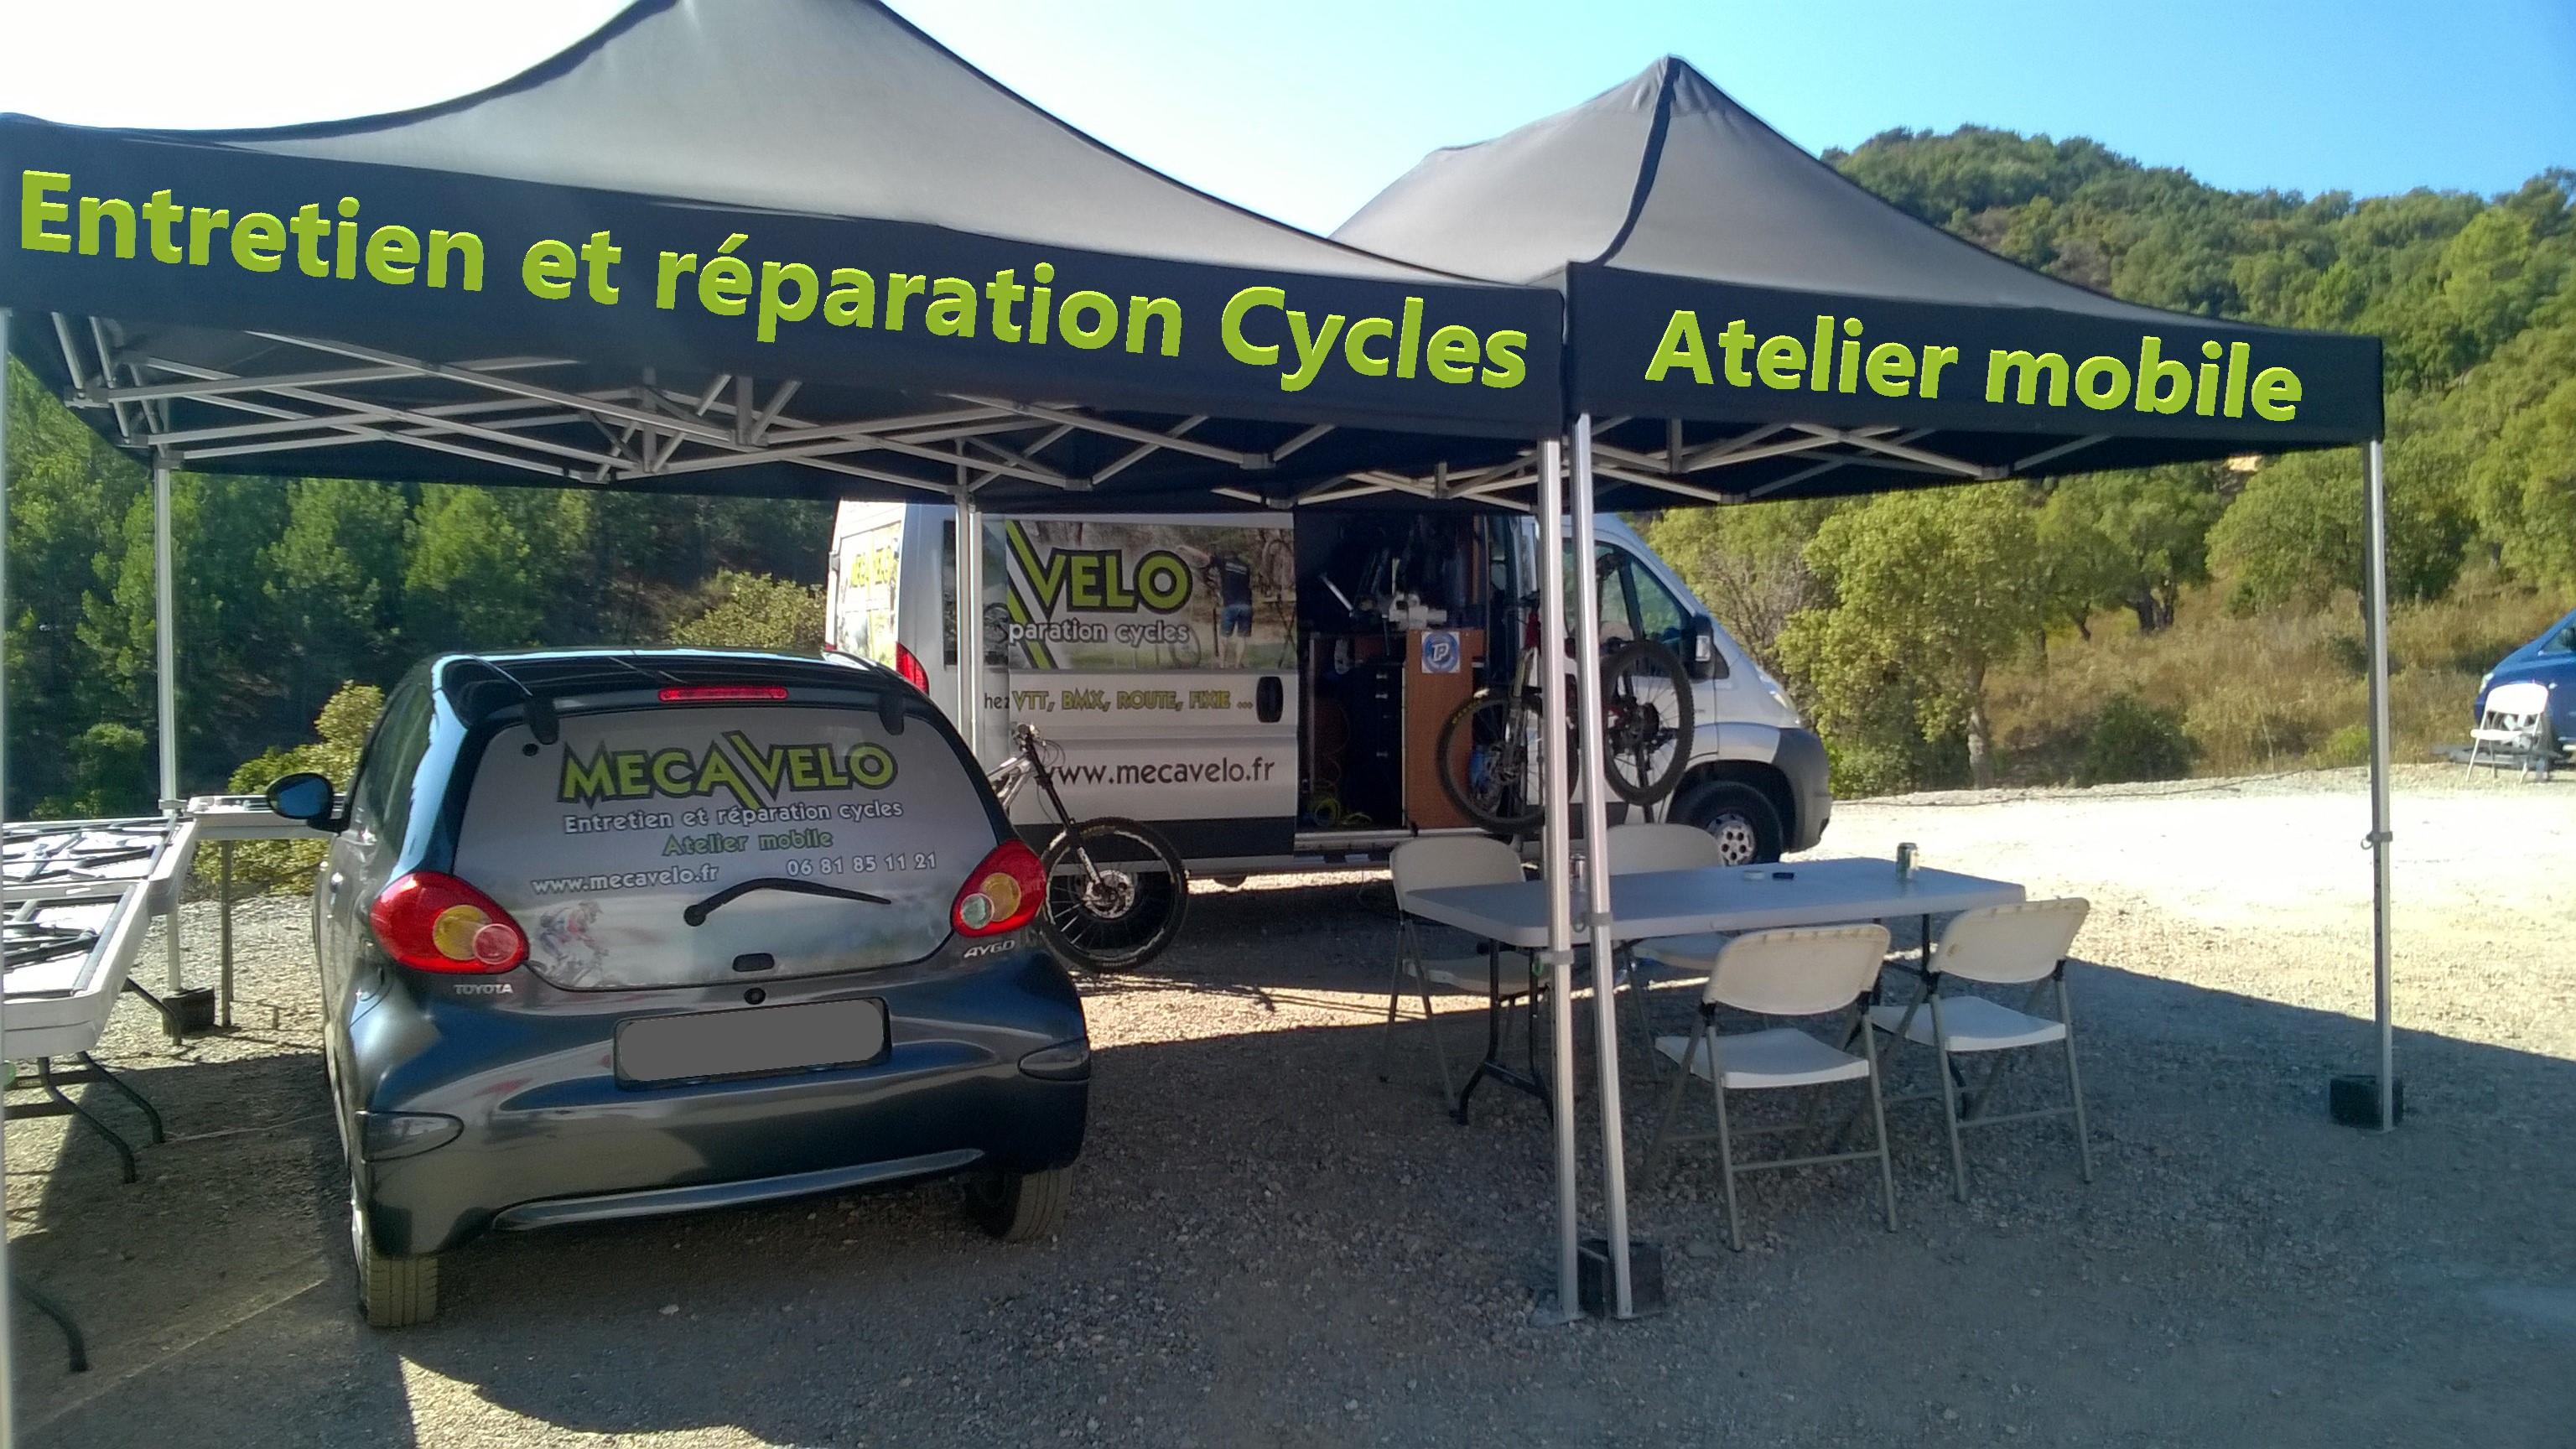 Entretien et réparation cycles